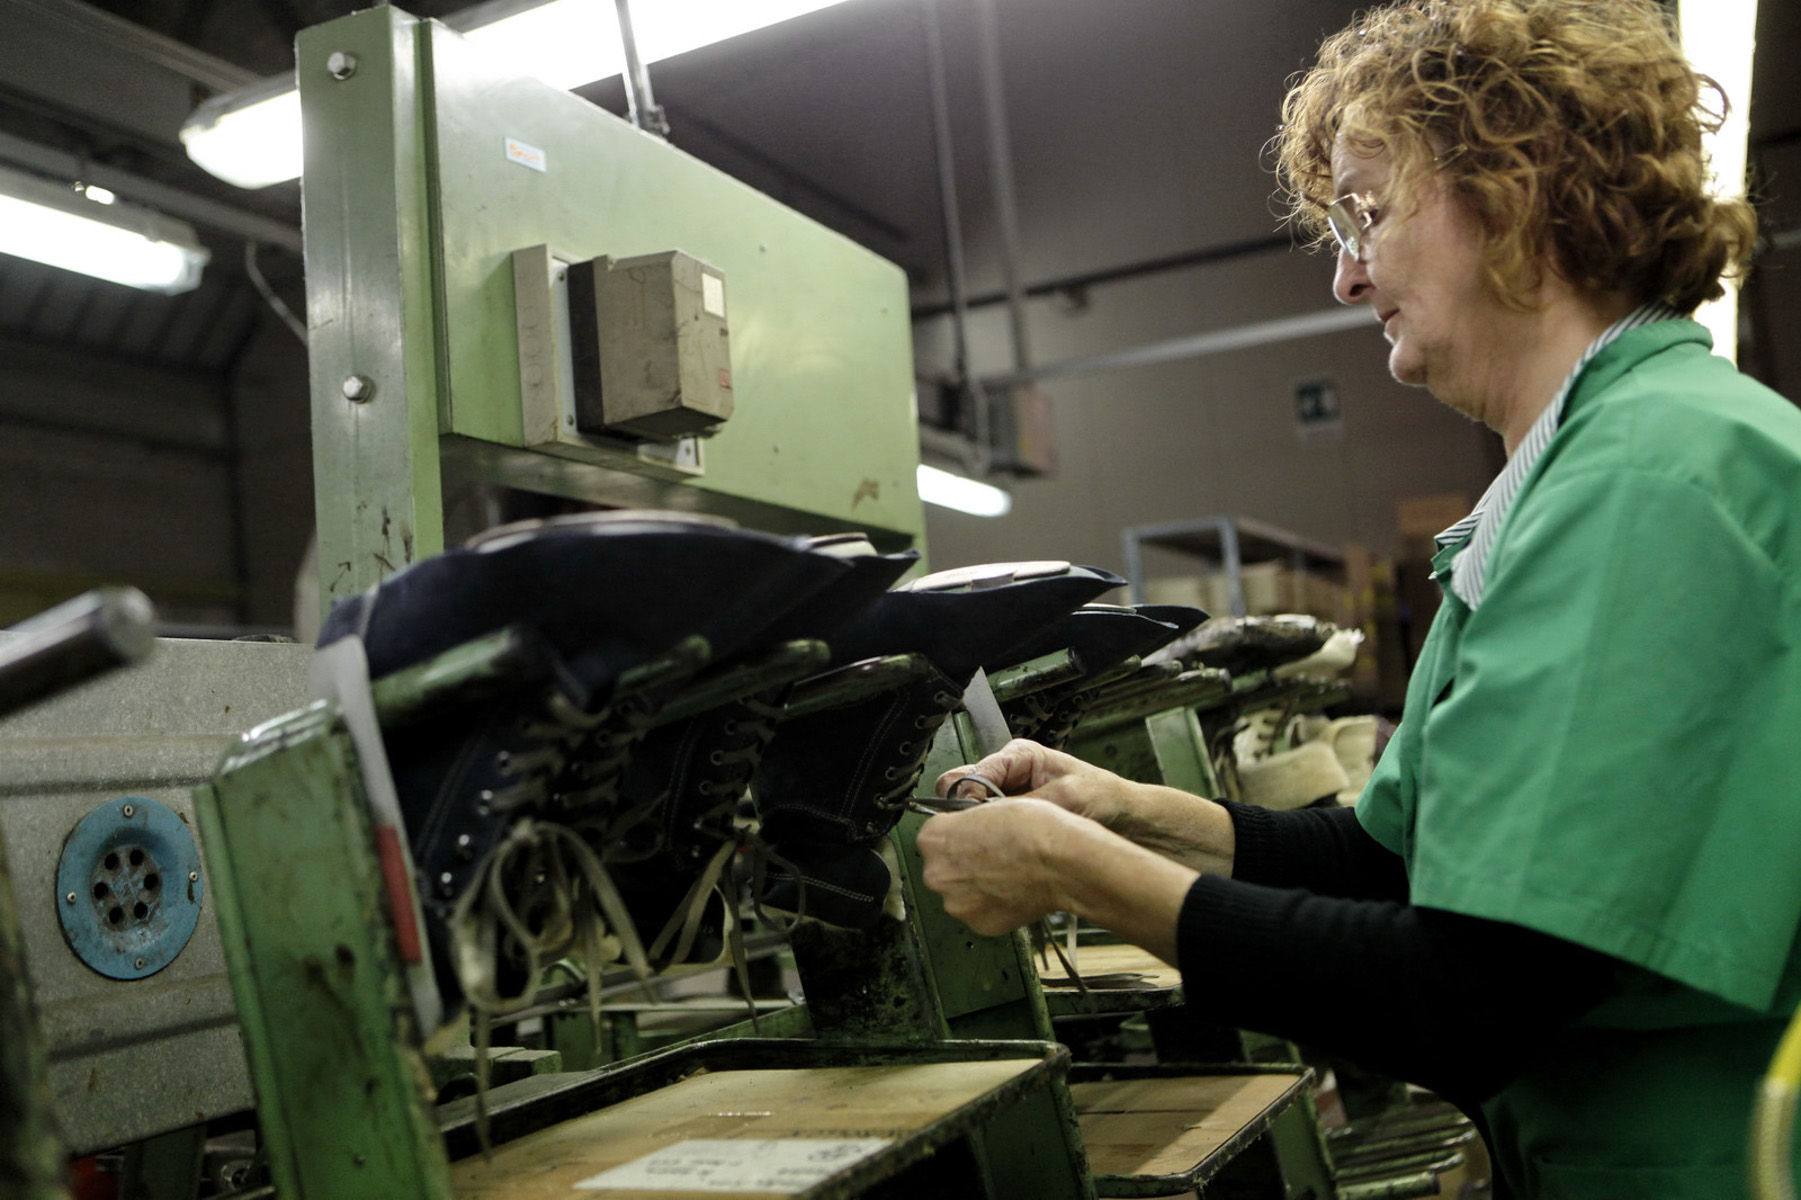 Le imprese della moda ripartono dalle fiere di settore con «grande entusiasmo ma con il calo dei buyers stranieri»